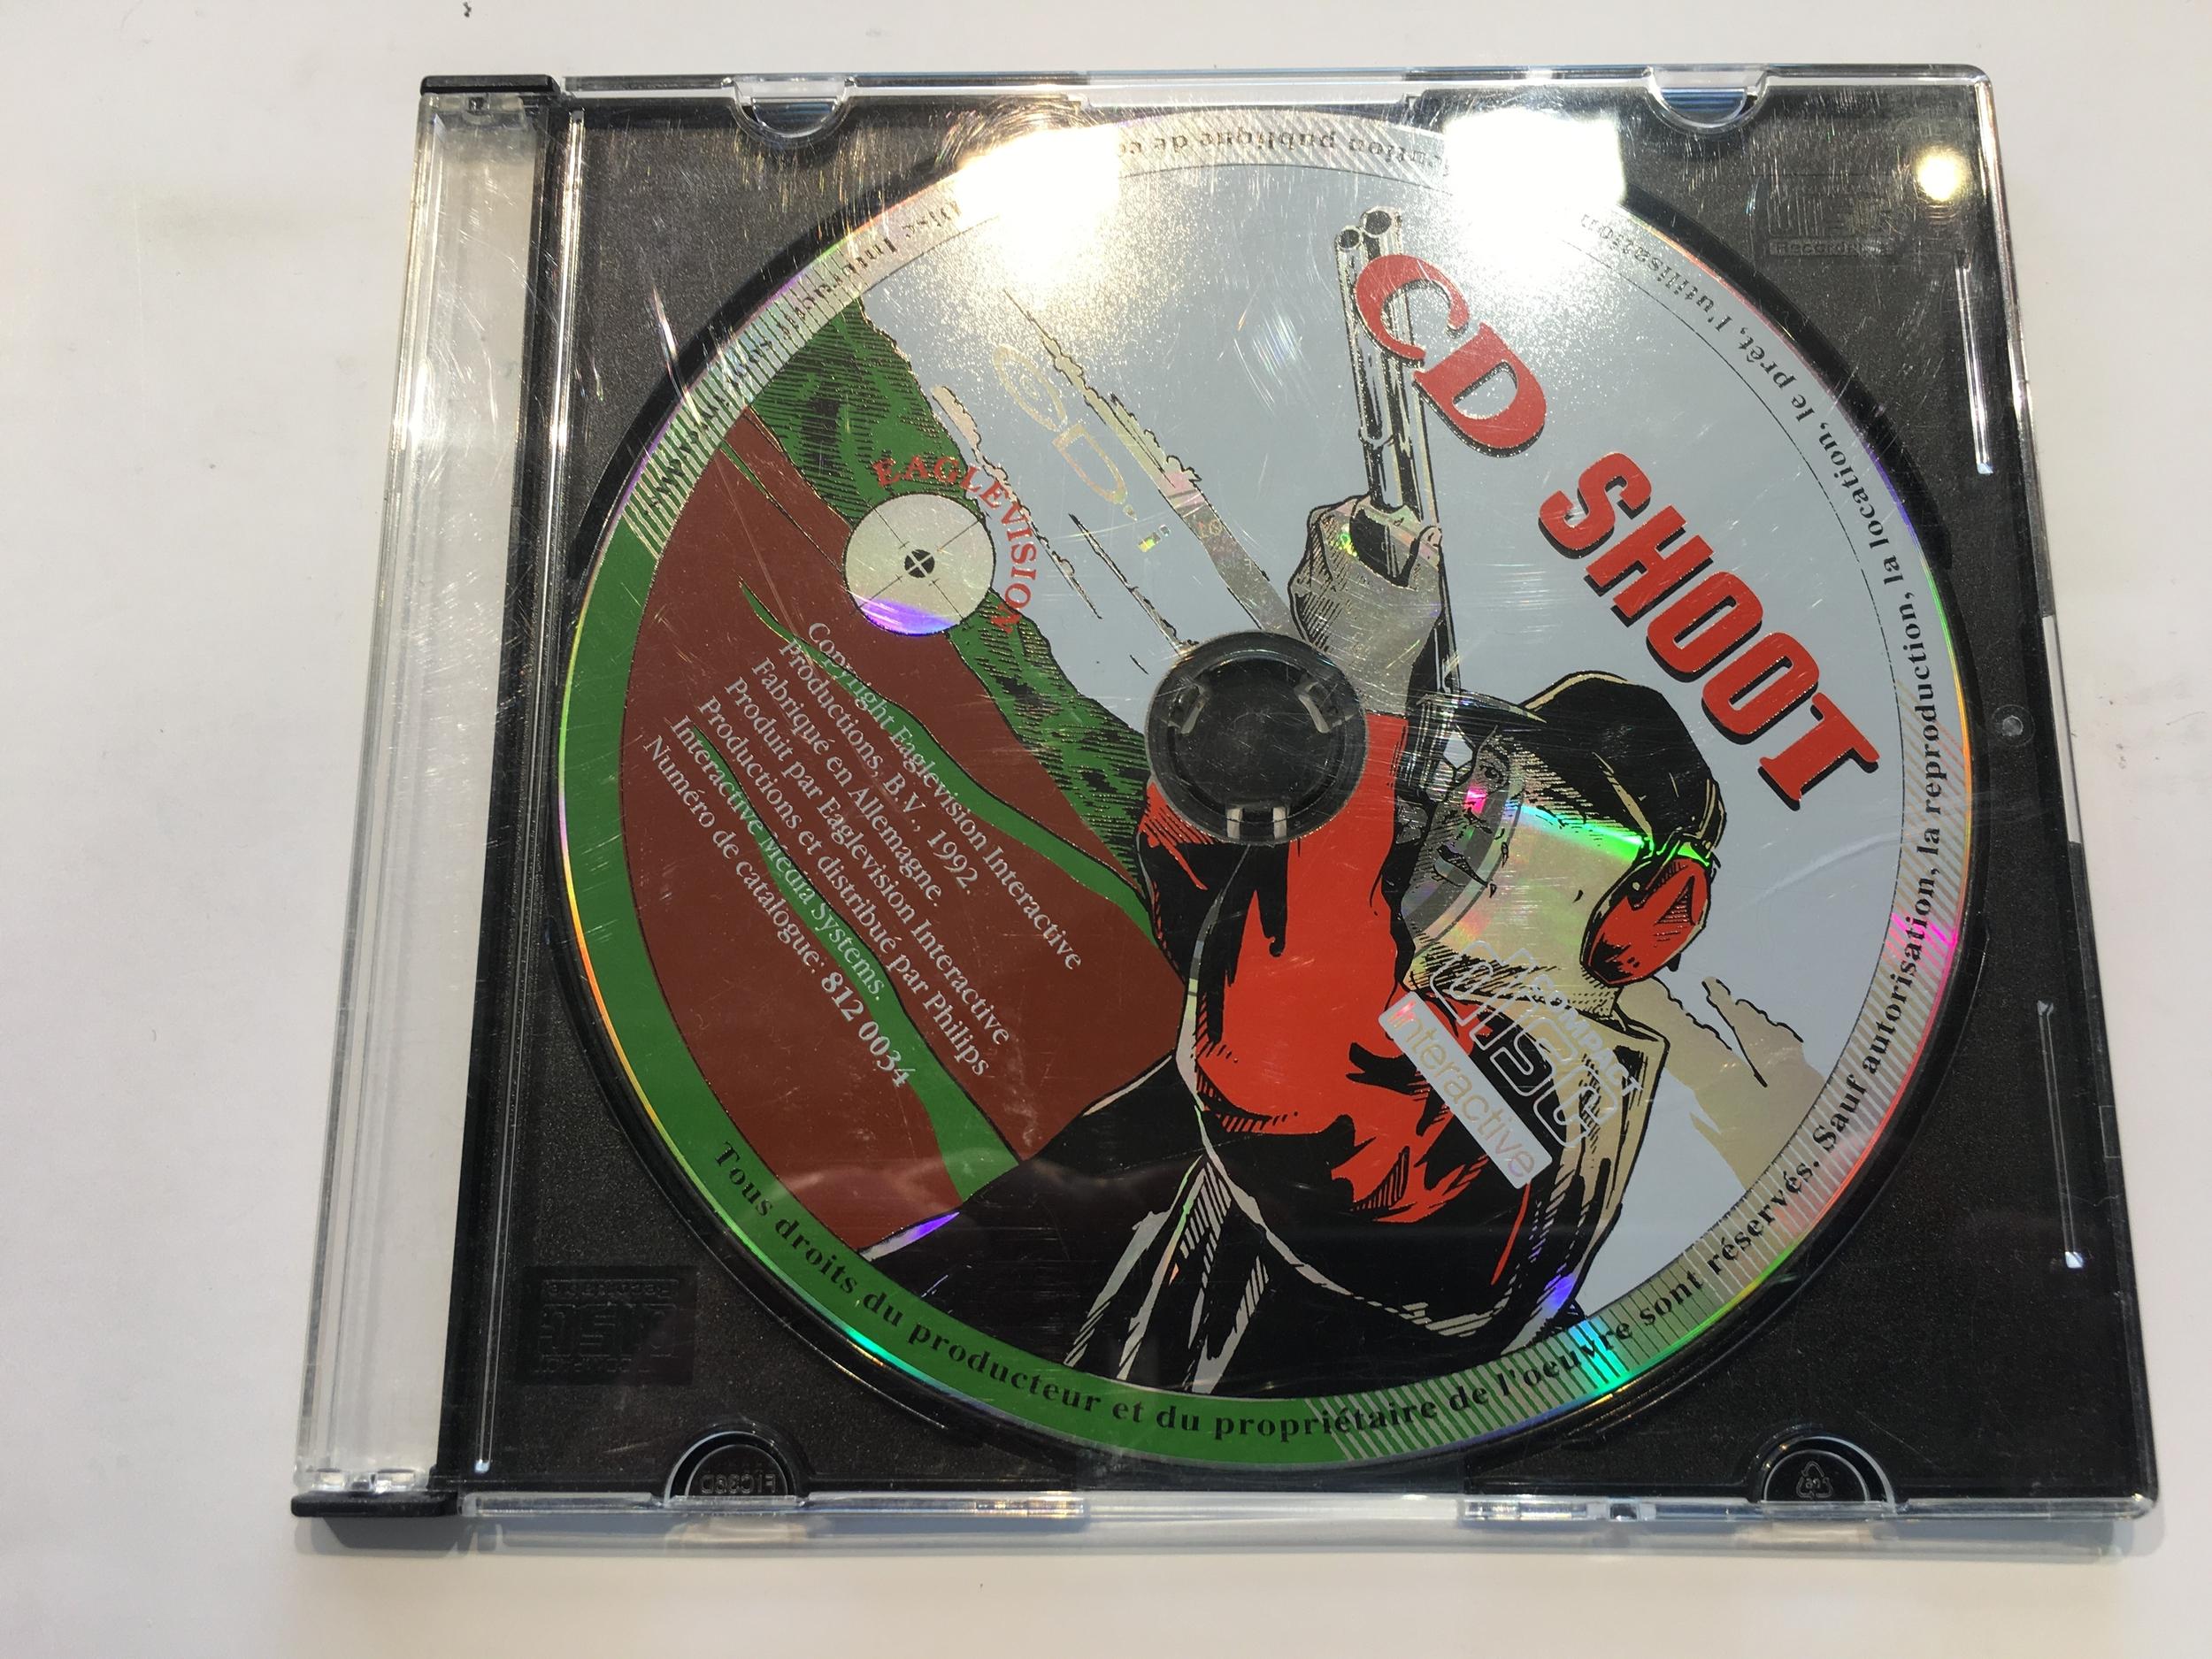 CD Shoot CD-i